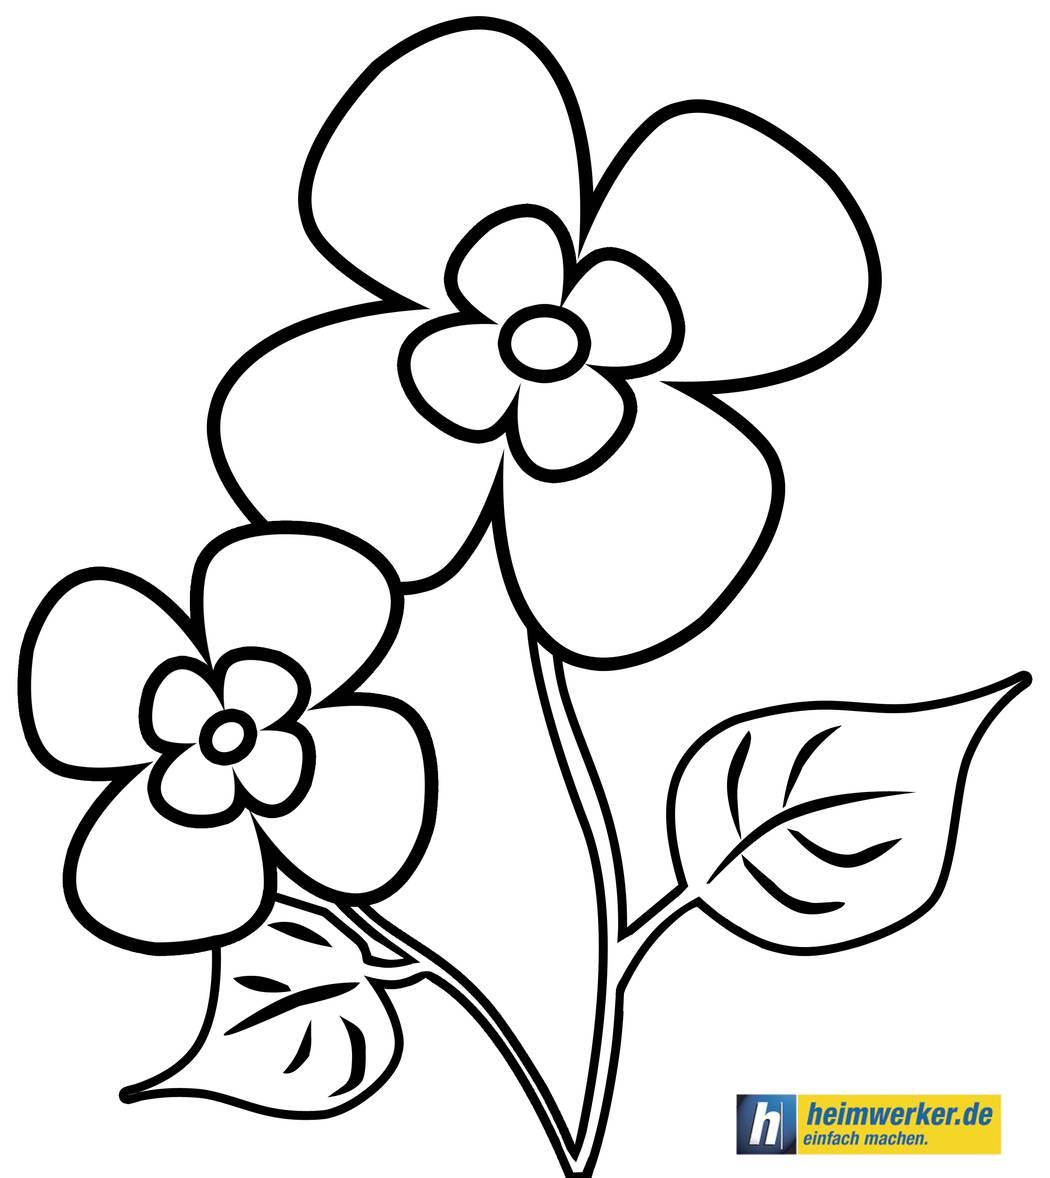 Malvorlagen: Die Schönsten Kostenlosen Ausmalbilder über Blumen Vorlagen Zum Malen